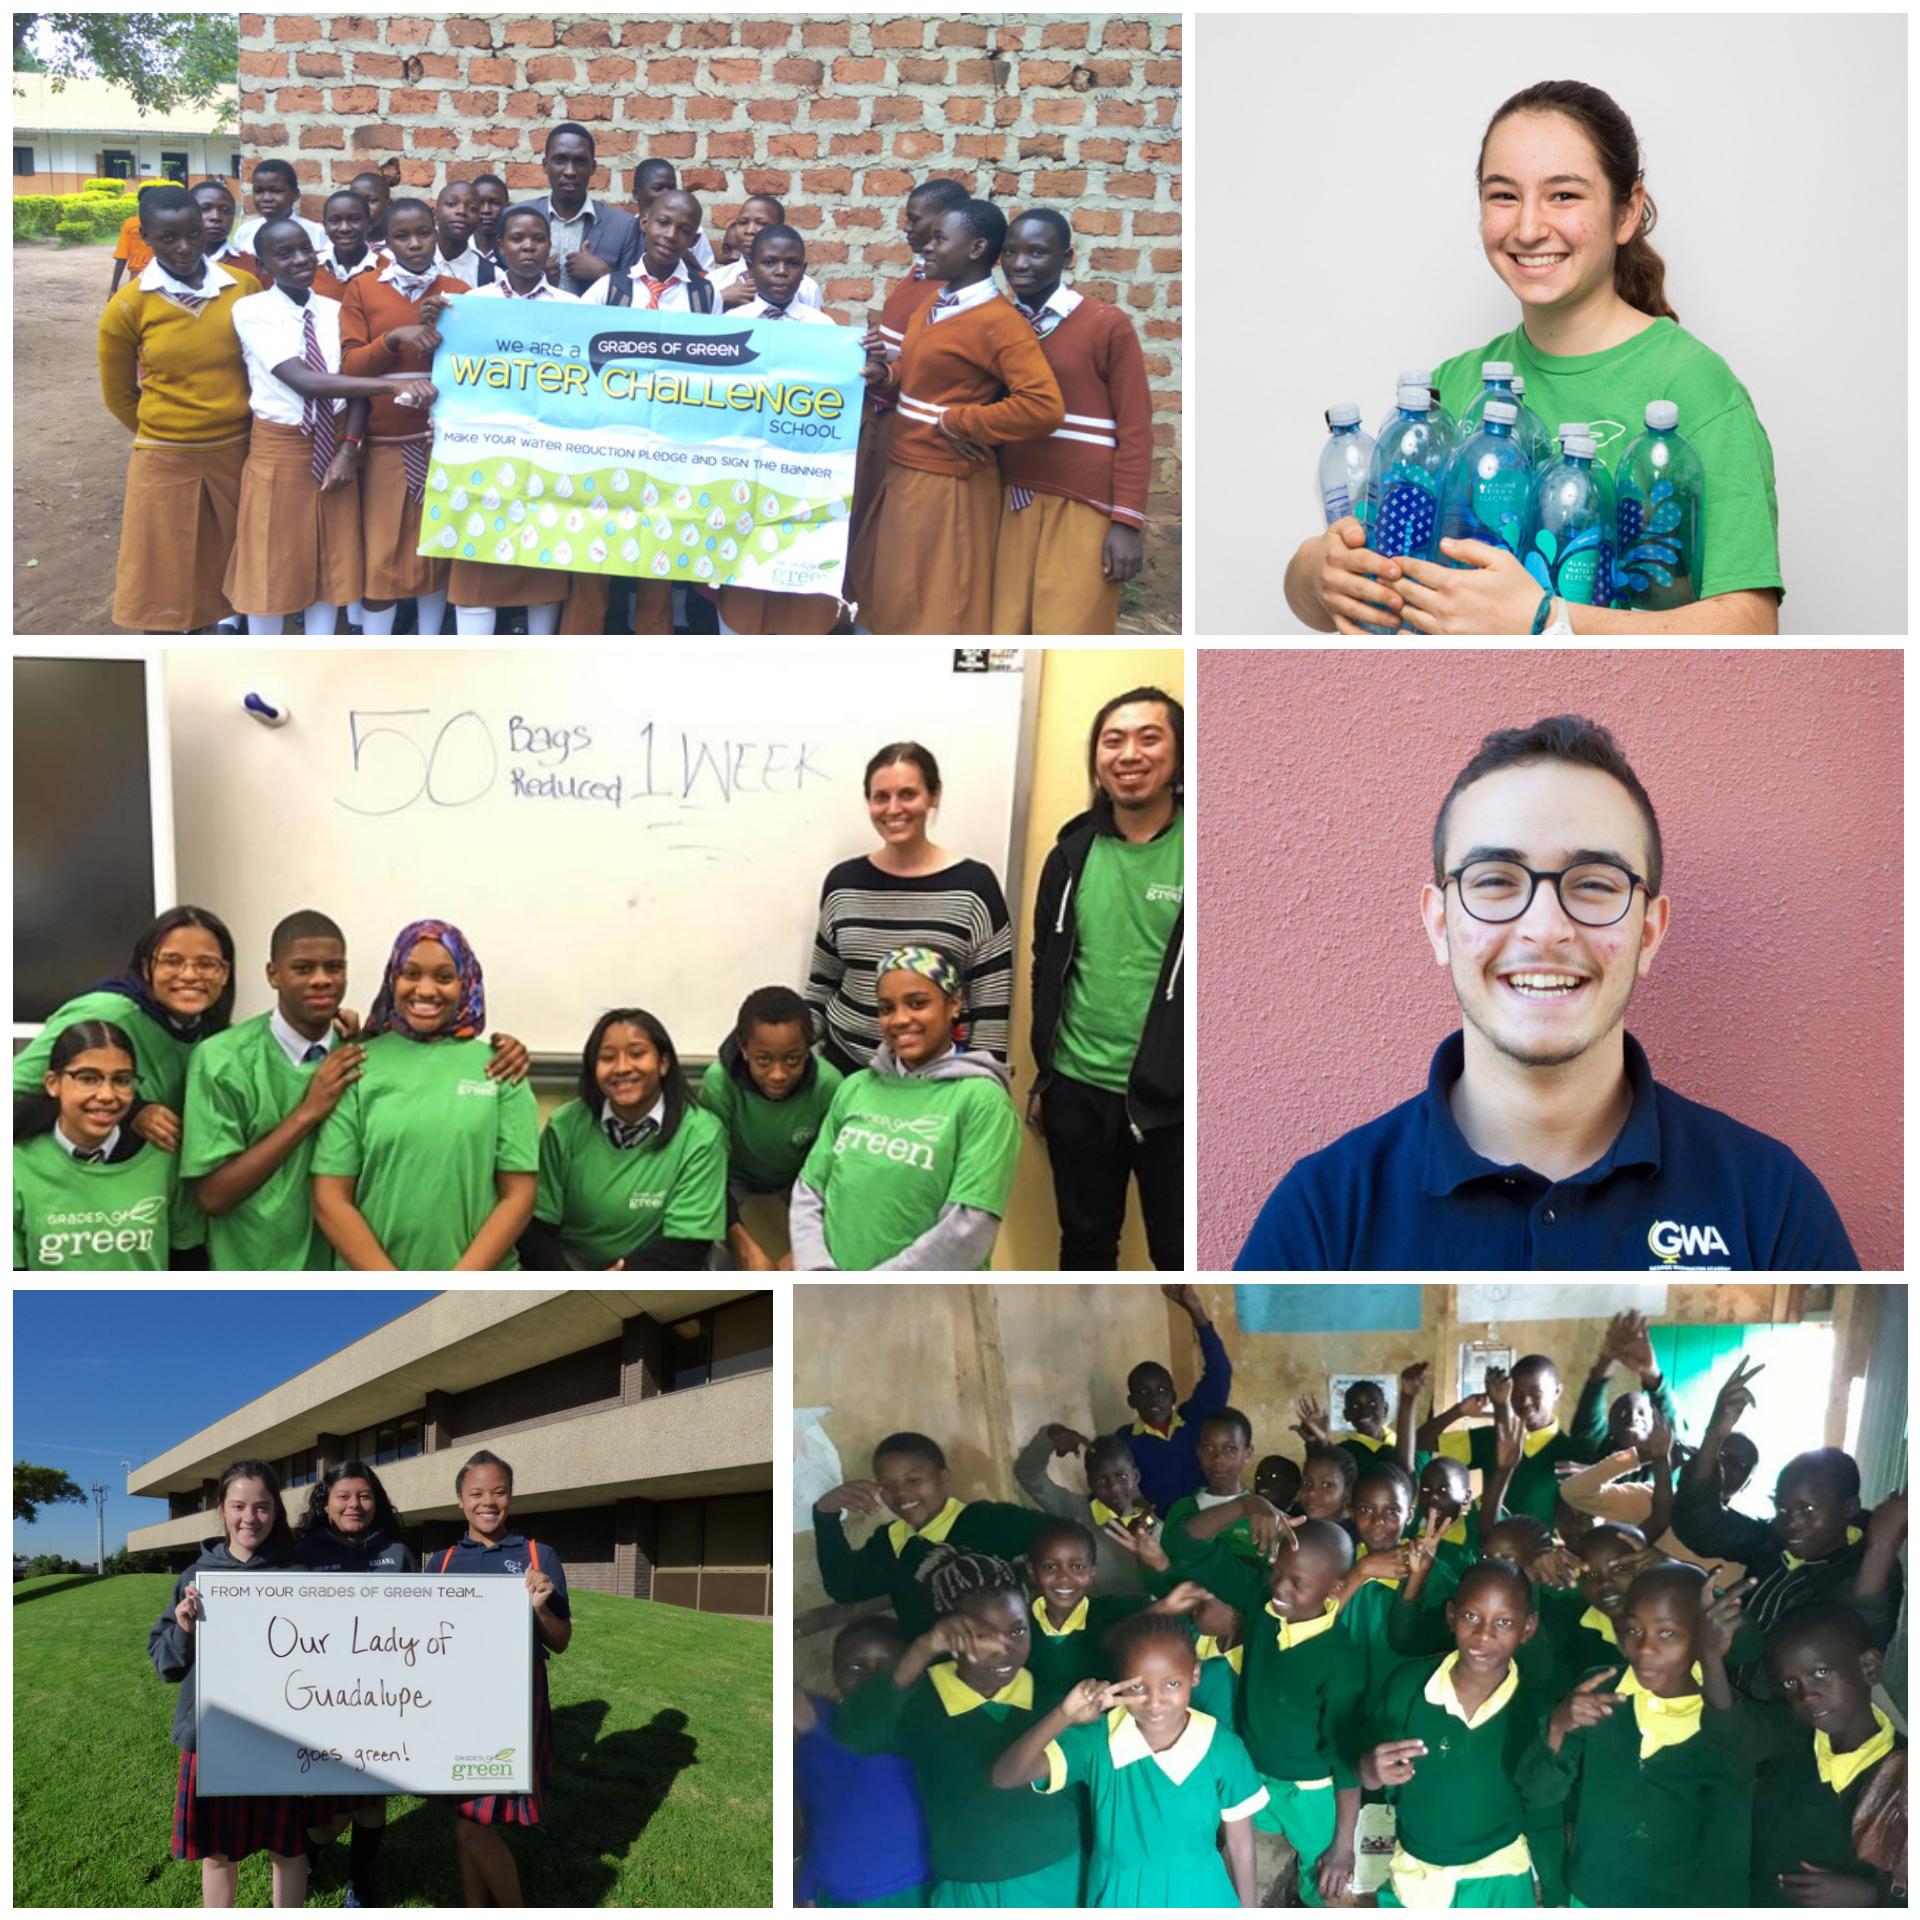 Youth Environmental Leadership Award Nominees Honored at VERTE 2018